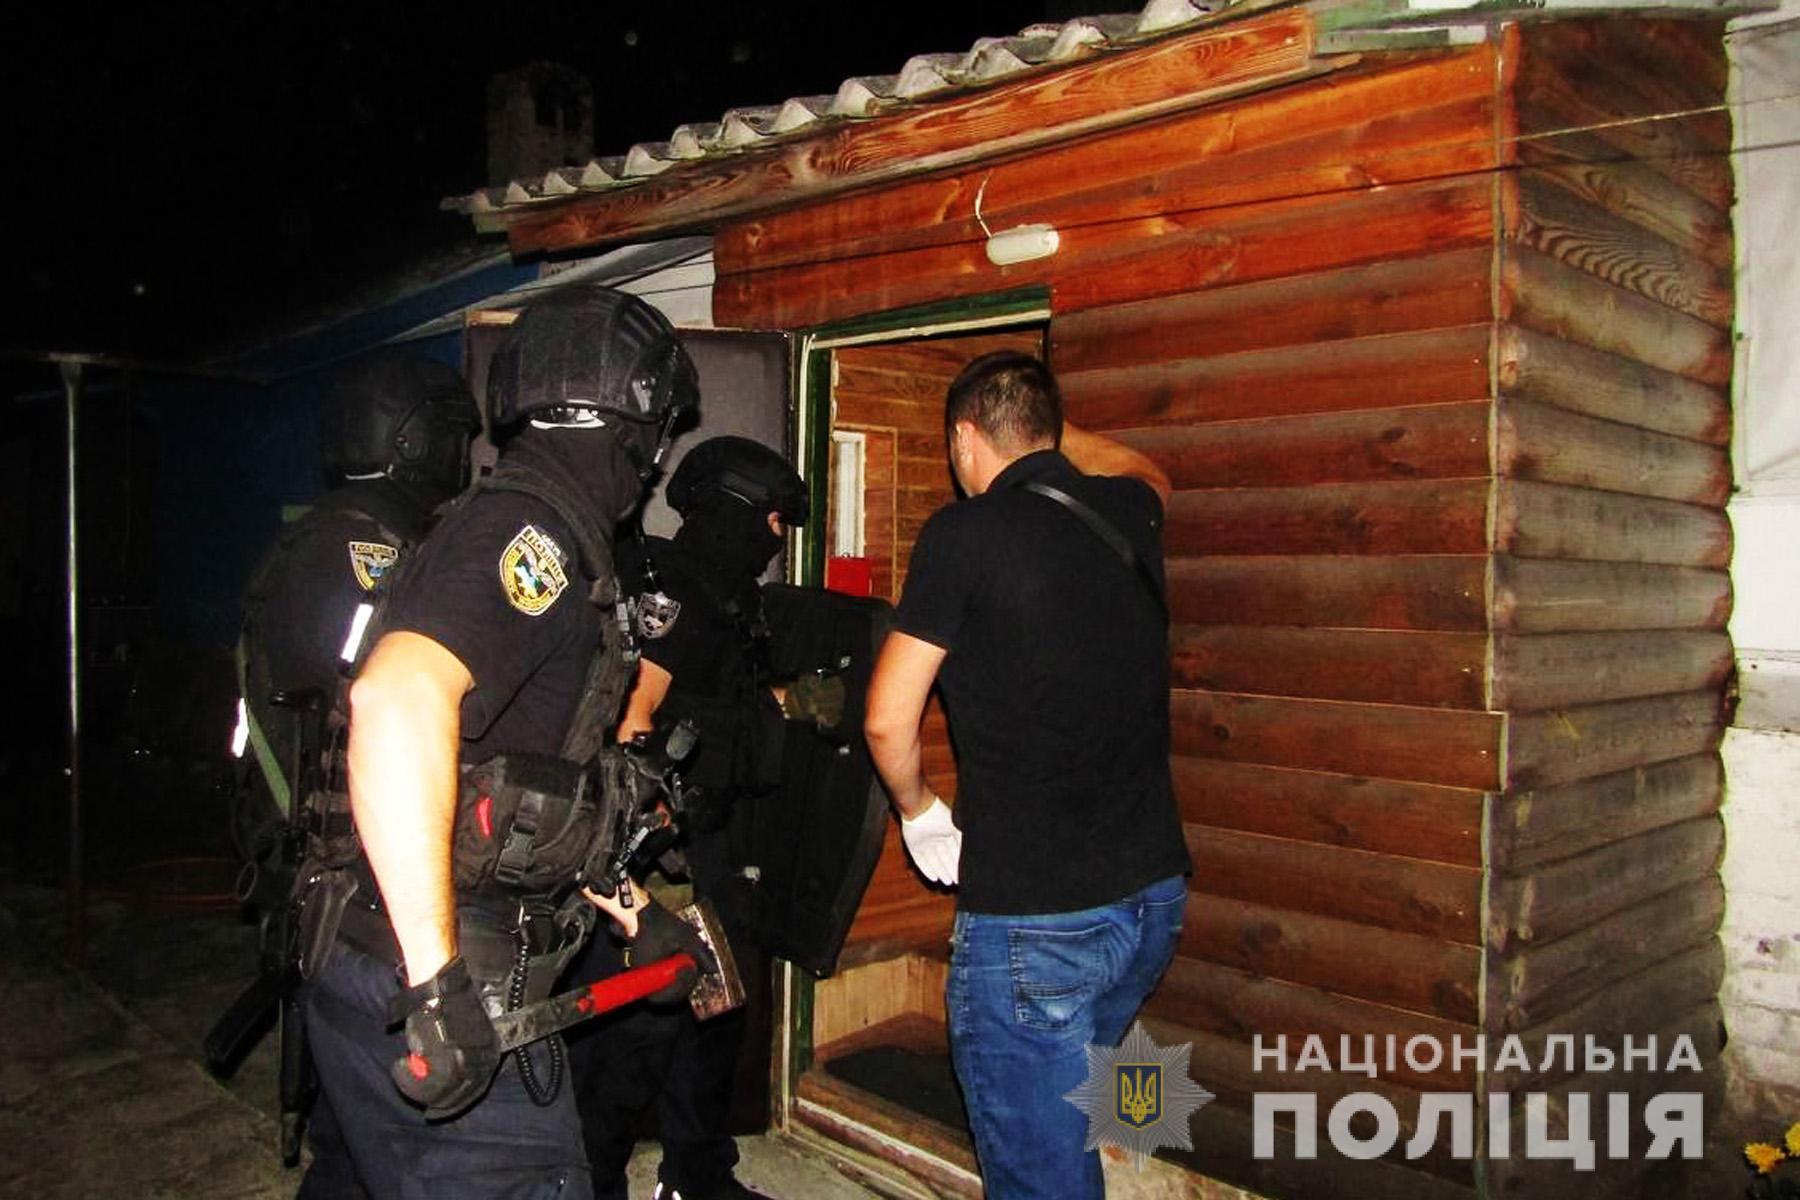 У Чернігові штурмом взяли чоловіка, який намагався зґвалтувати дівчинку (ФОТО)